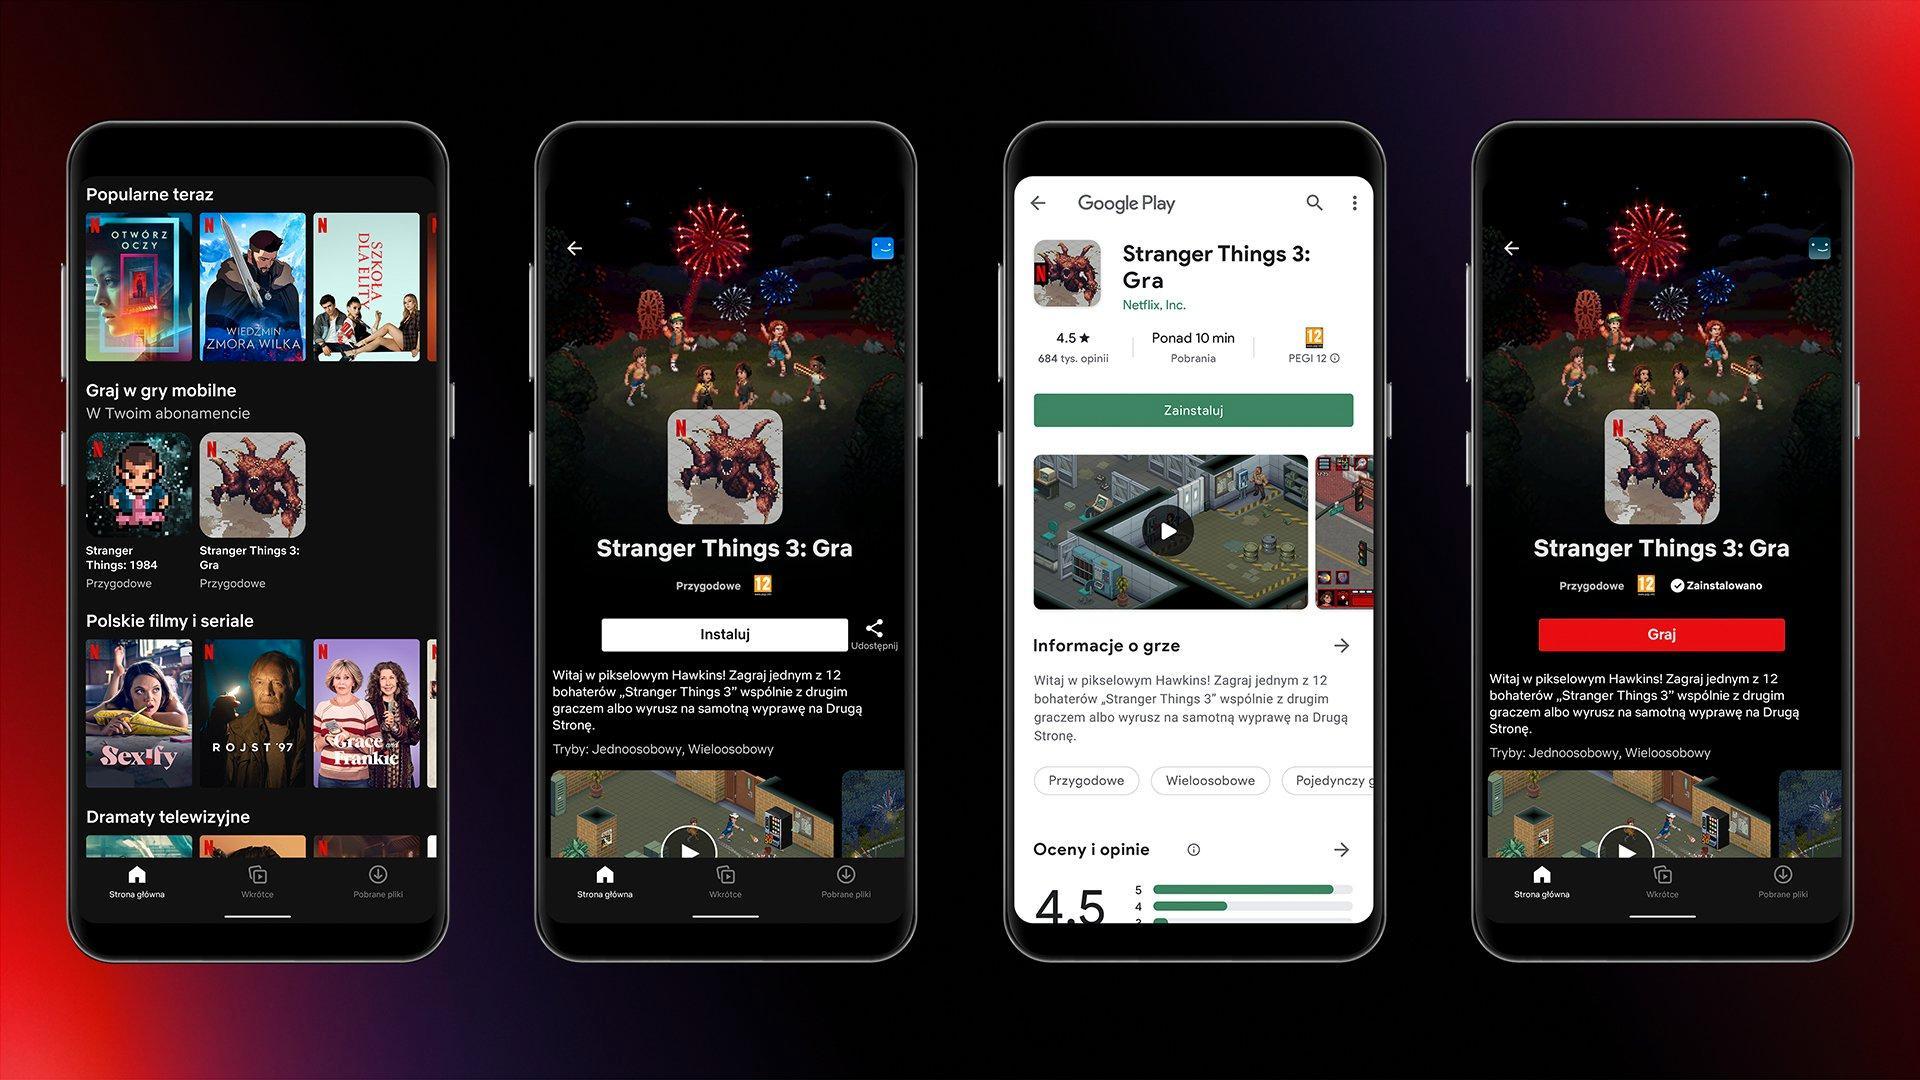 Slik presenteres de nye spillene i den polske Netflix-appen.